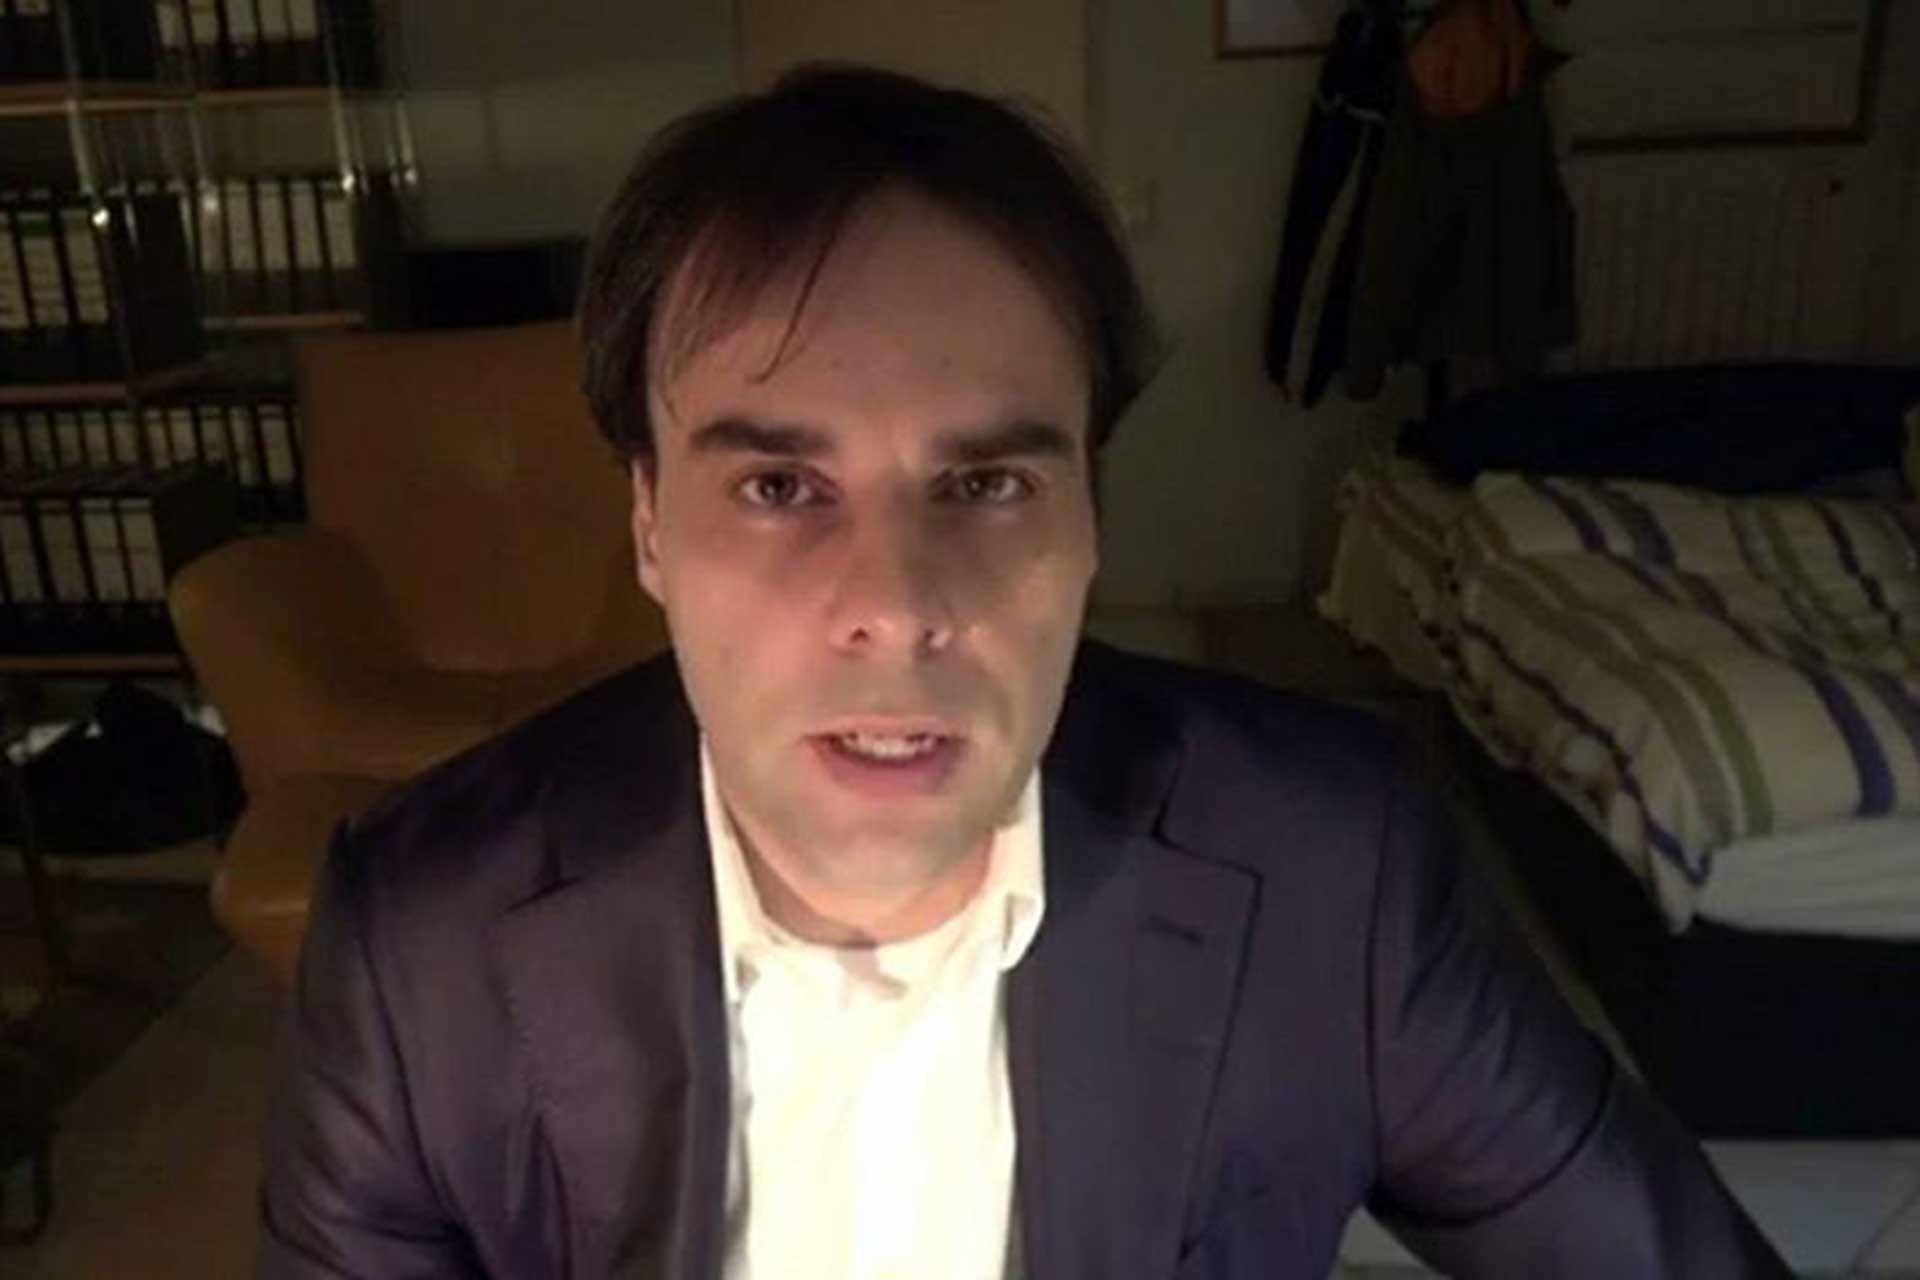 Tobias Ratje